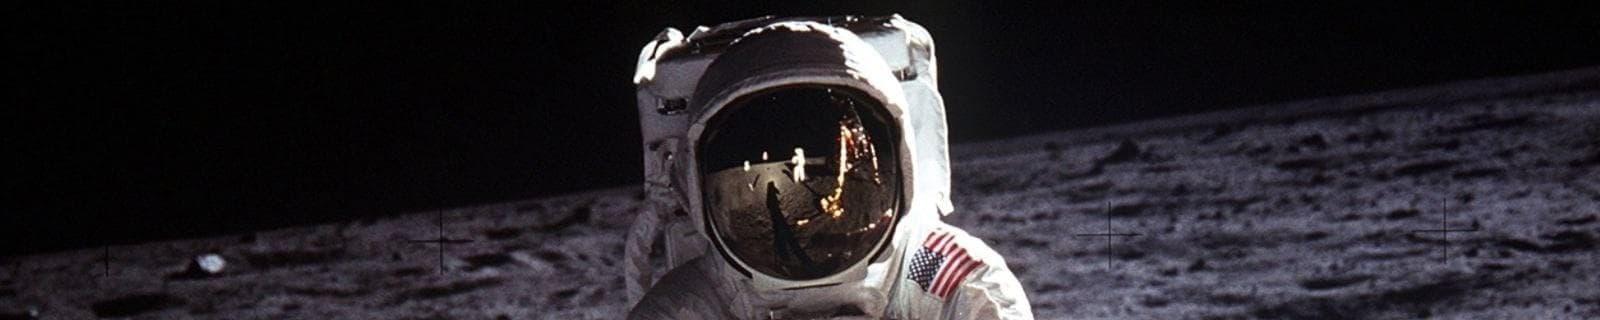 Repositório de imagens da NASA